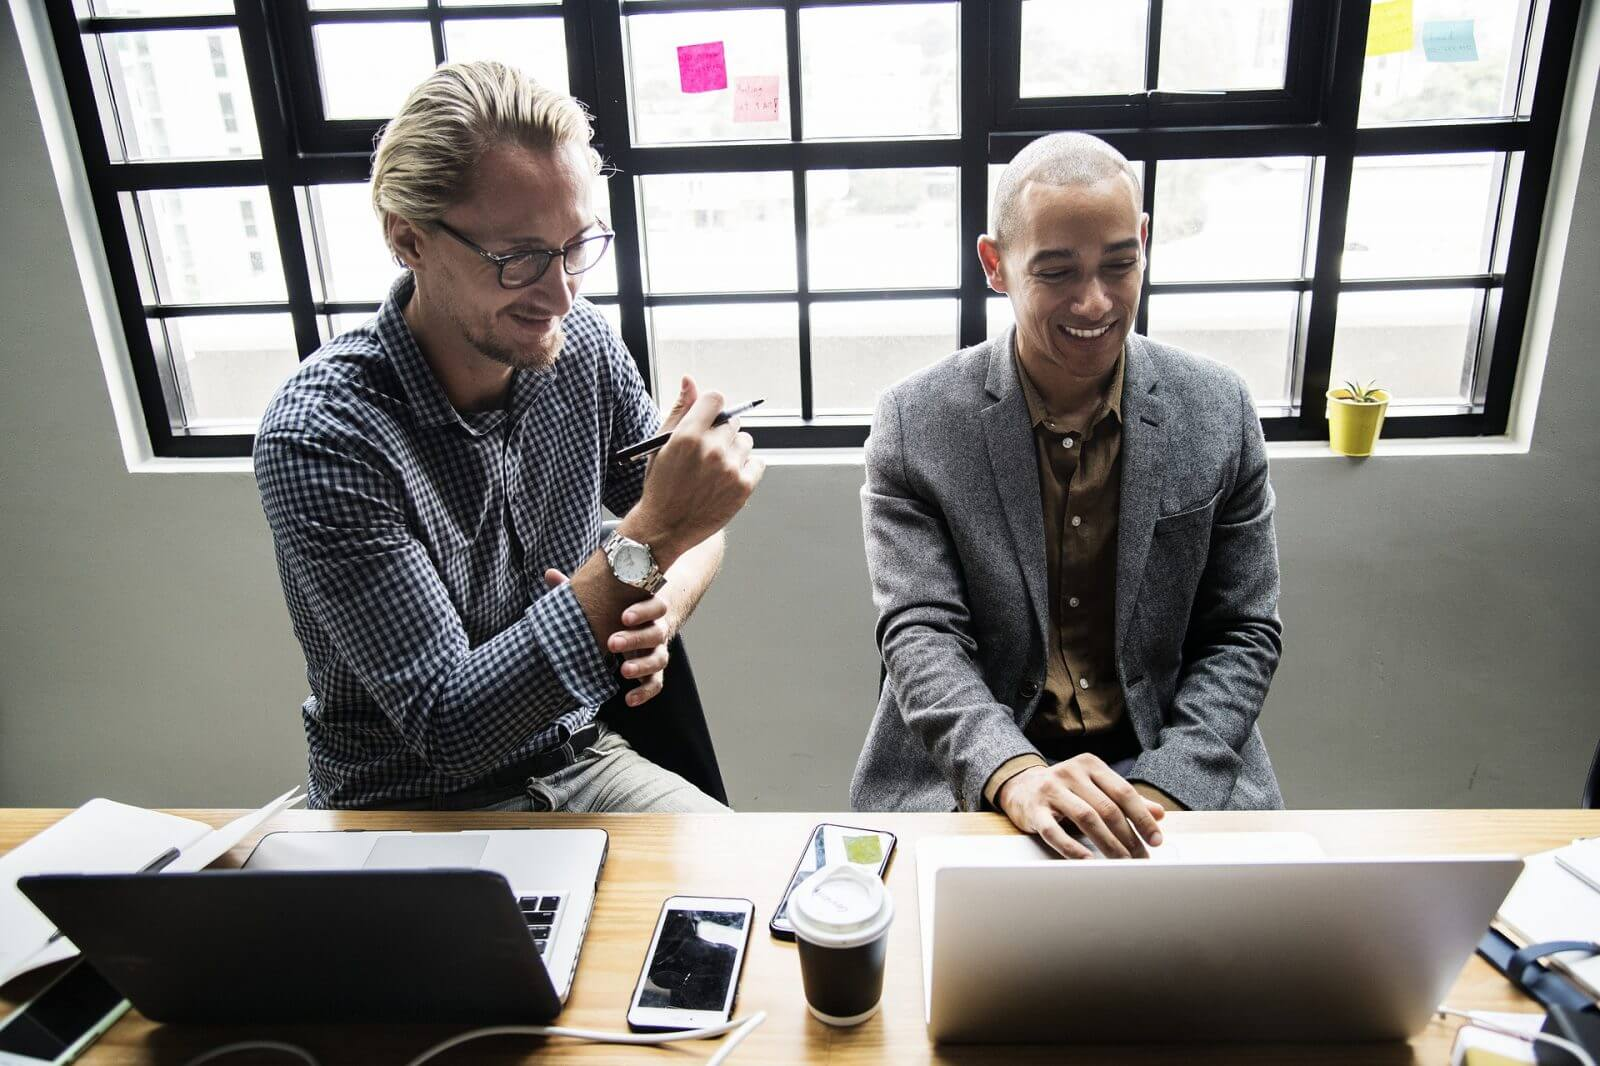 Comment la «formation numérique» pourrait être un accélérateur de croissance en Afrique?